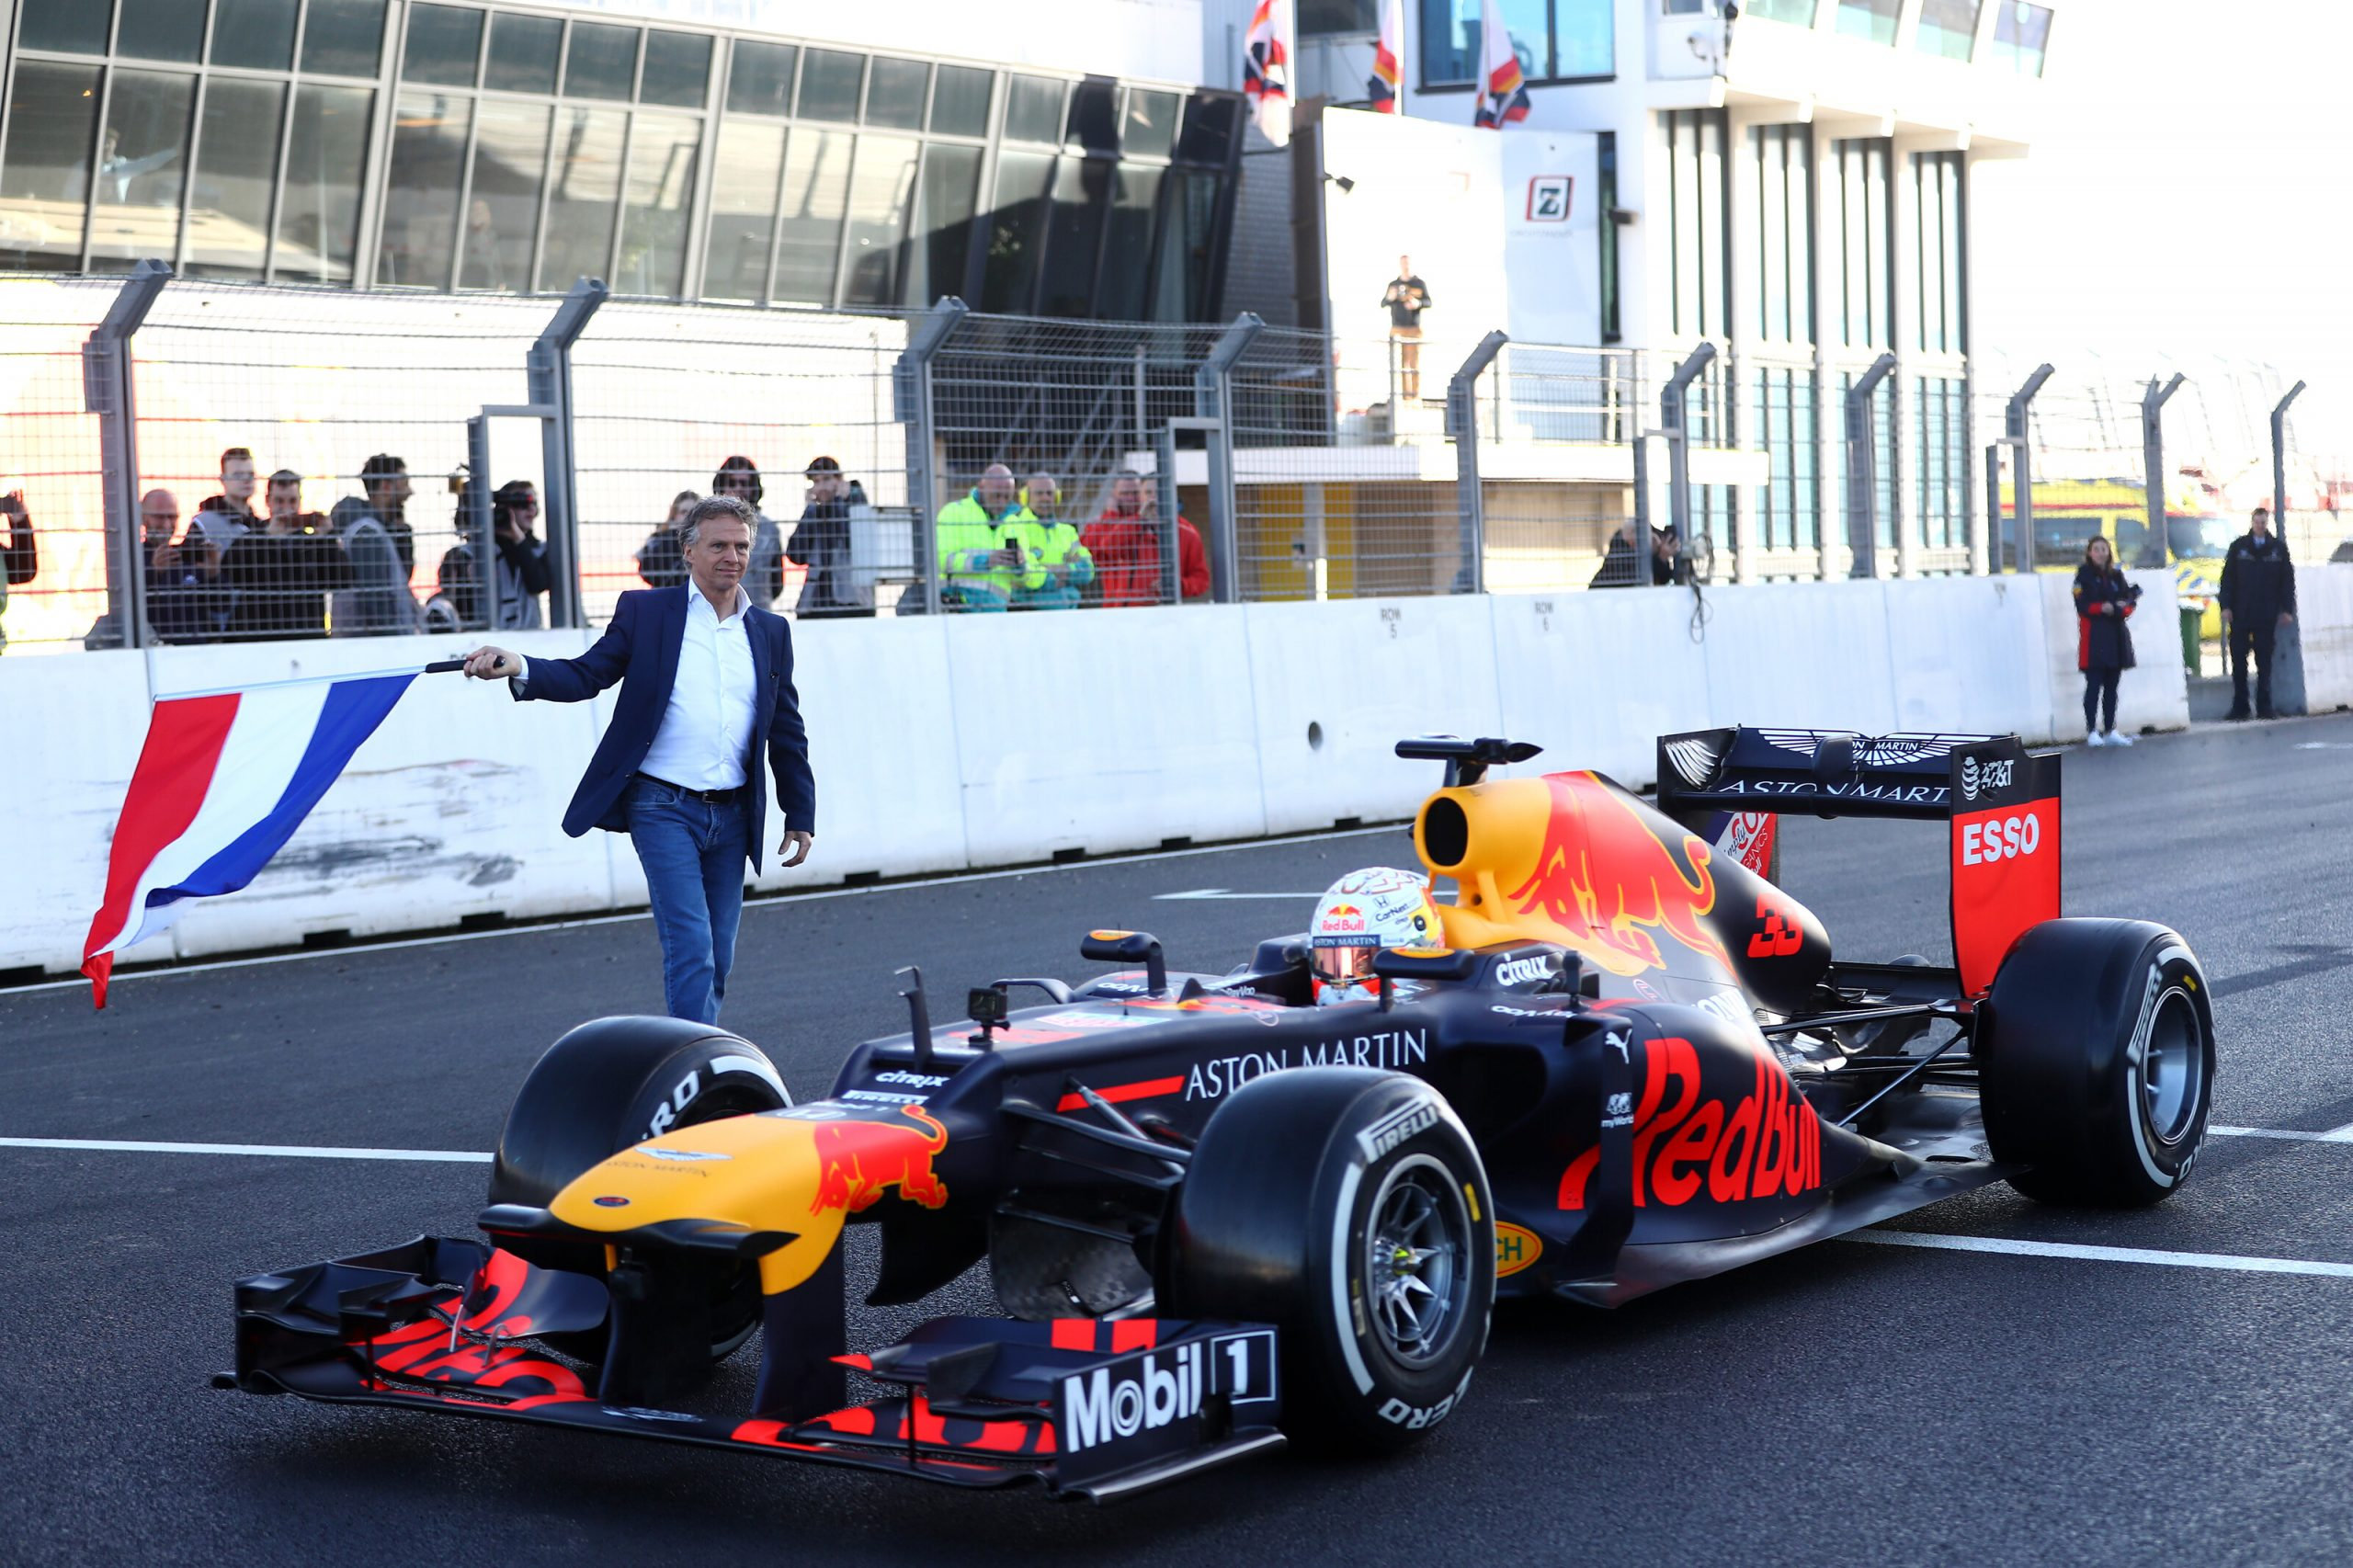 Dutch GP nervous about 2021 'ghost race'